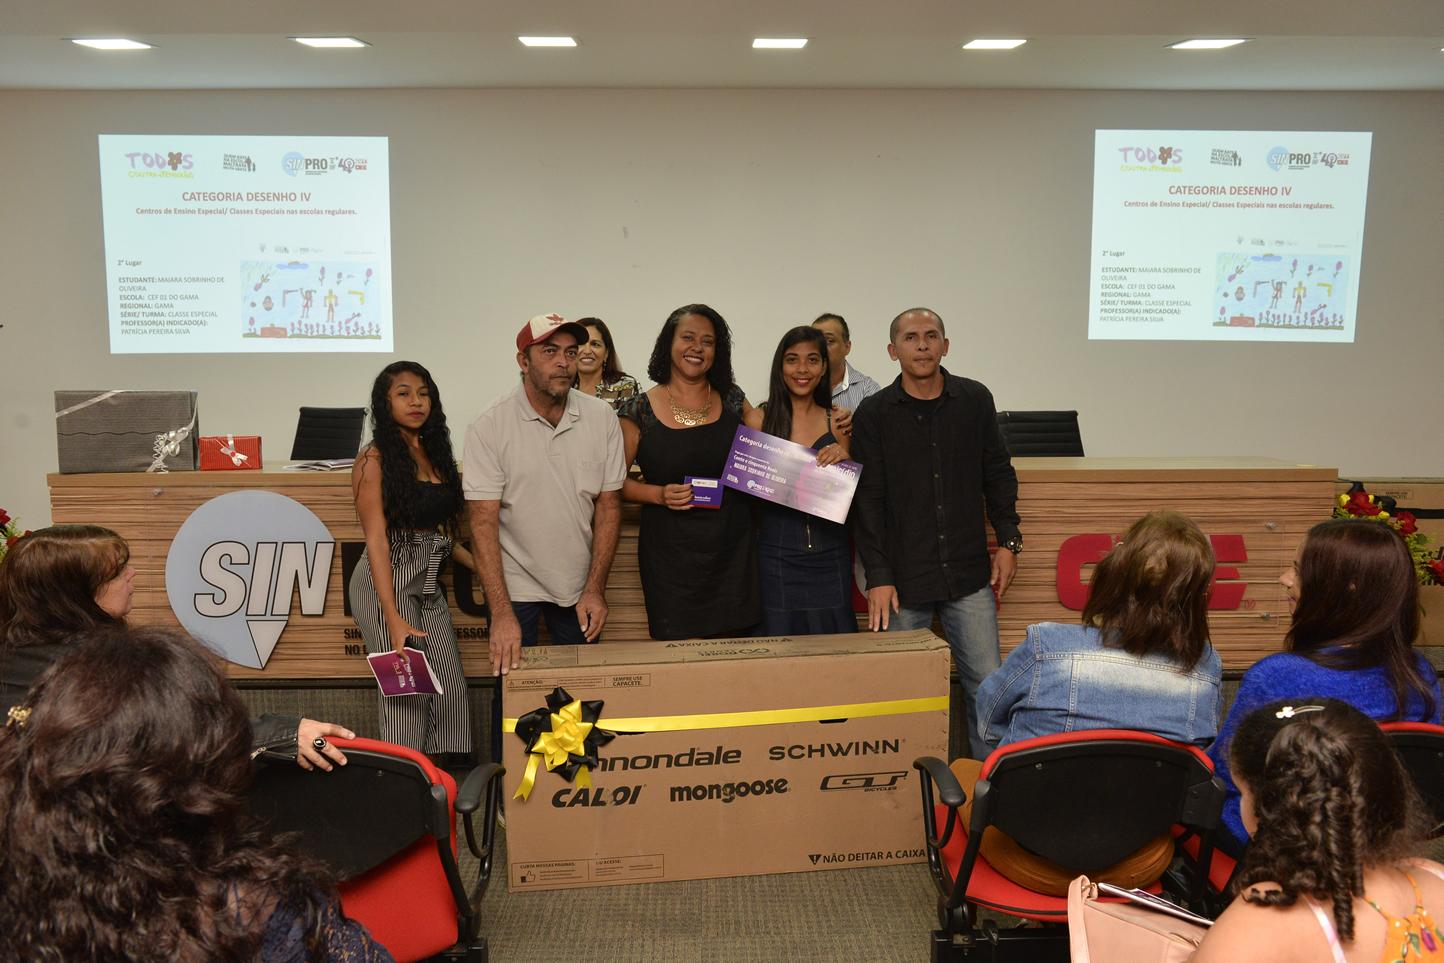 2019.05.16_PREMIACAO-DO-X-CONCURSO-DE-REDACAO_fotos-Deva-Garcia-27